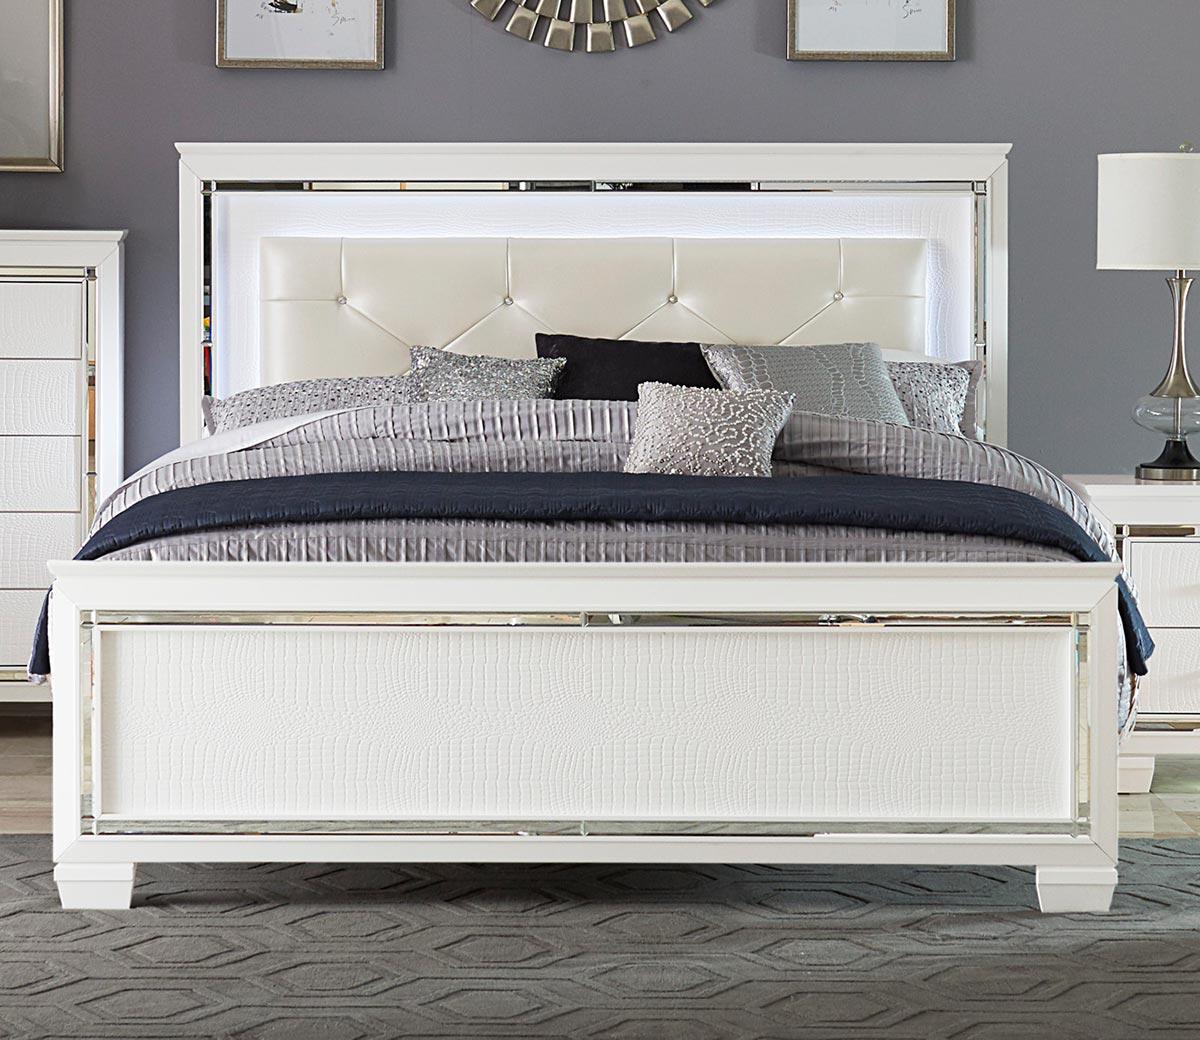 Homelegance Allura Bed with LED Lighting - White